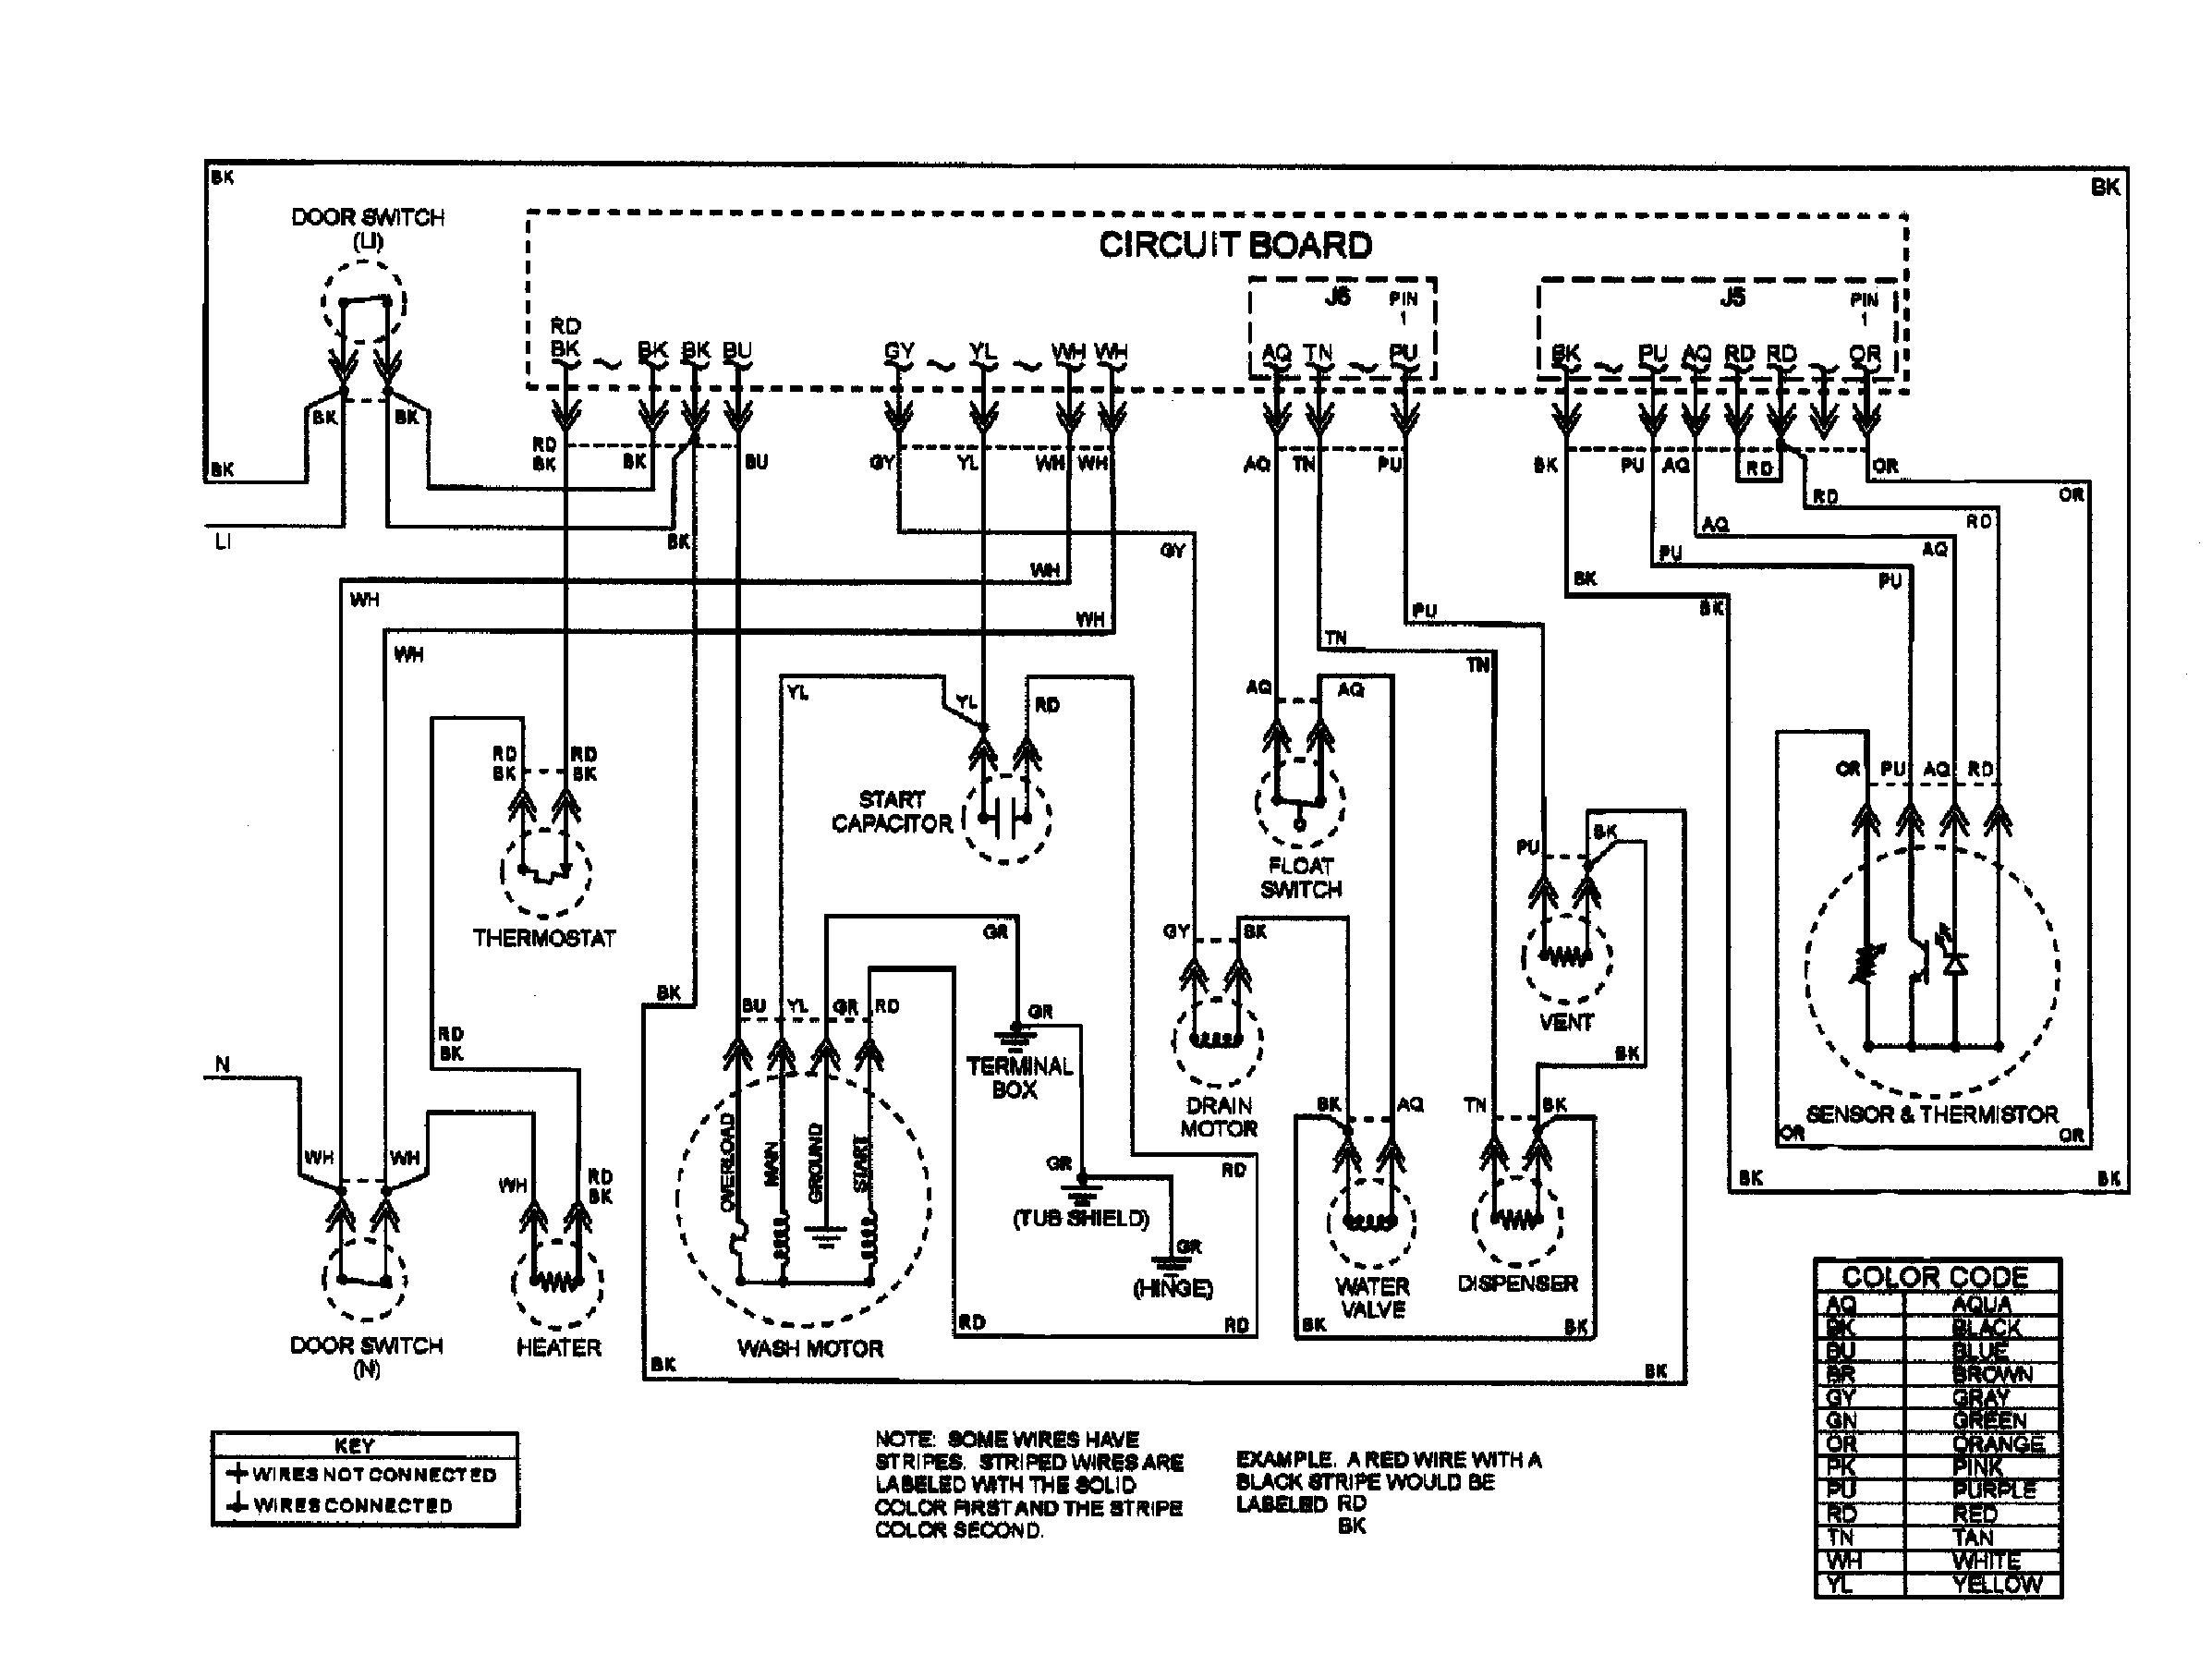 ge dishwasher drain diagram wiring diagram schematic